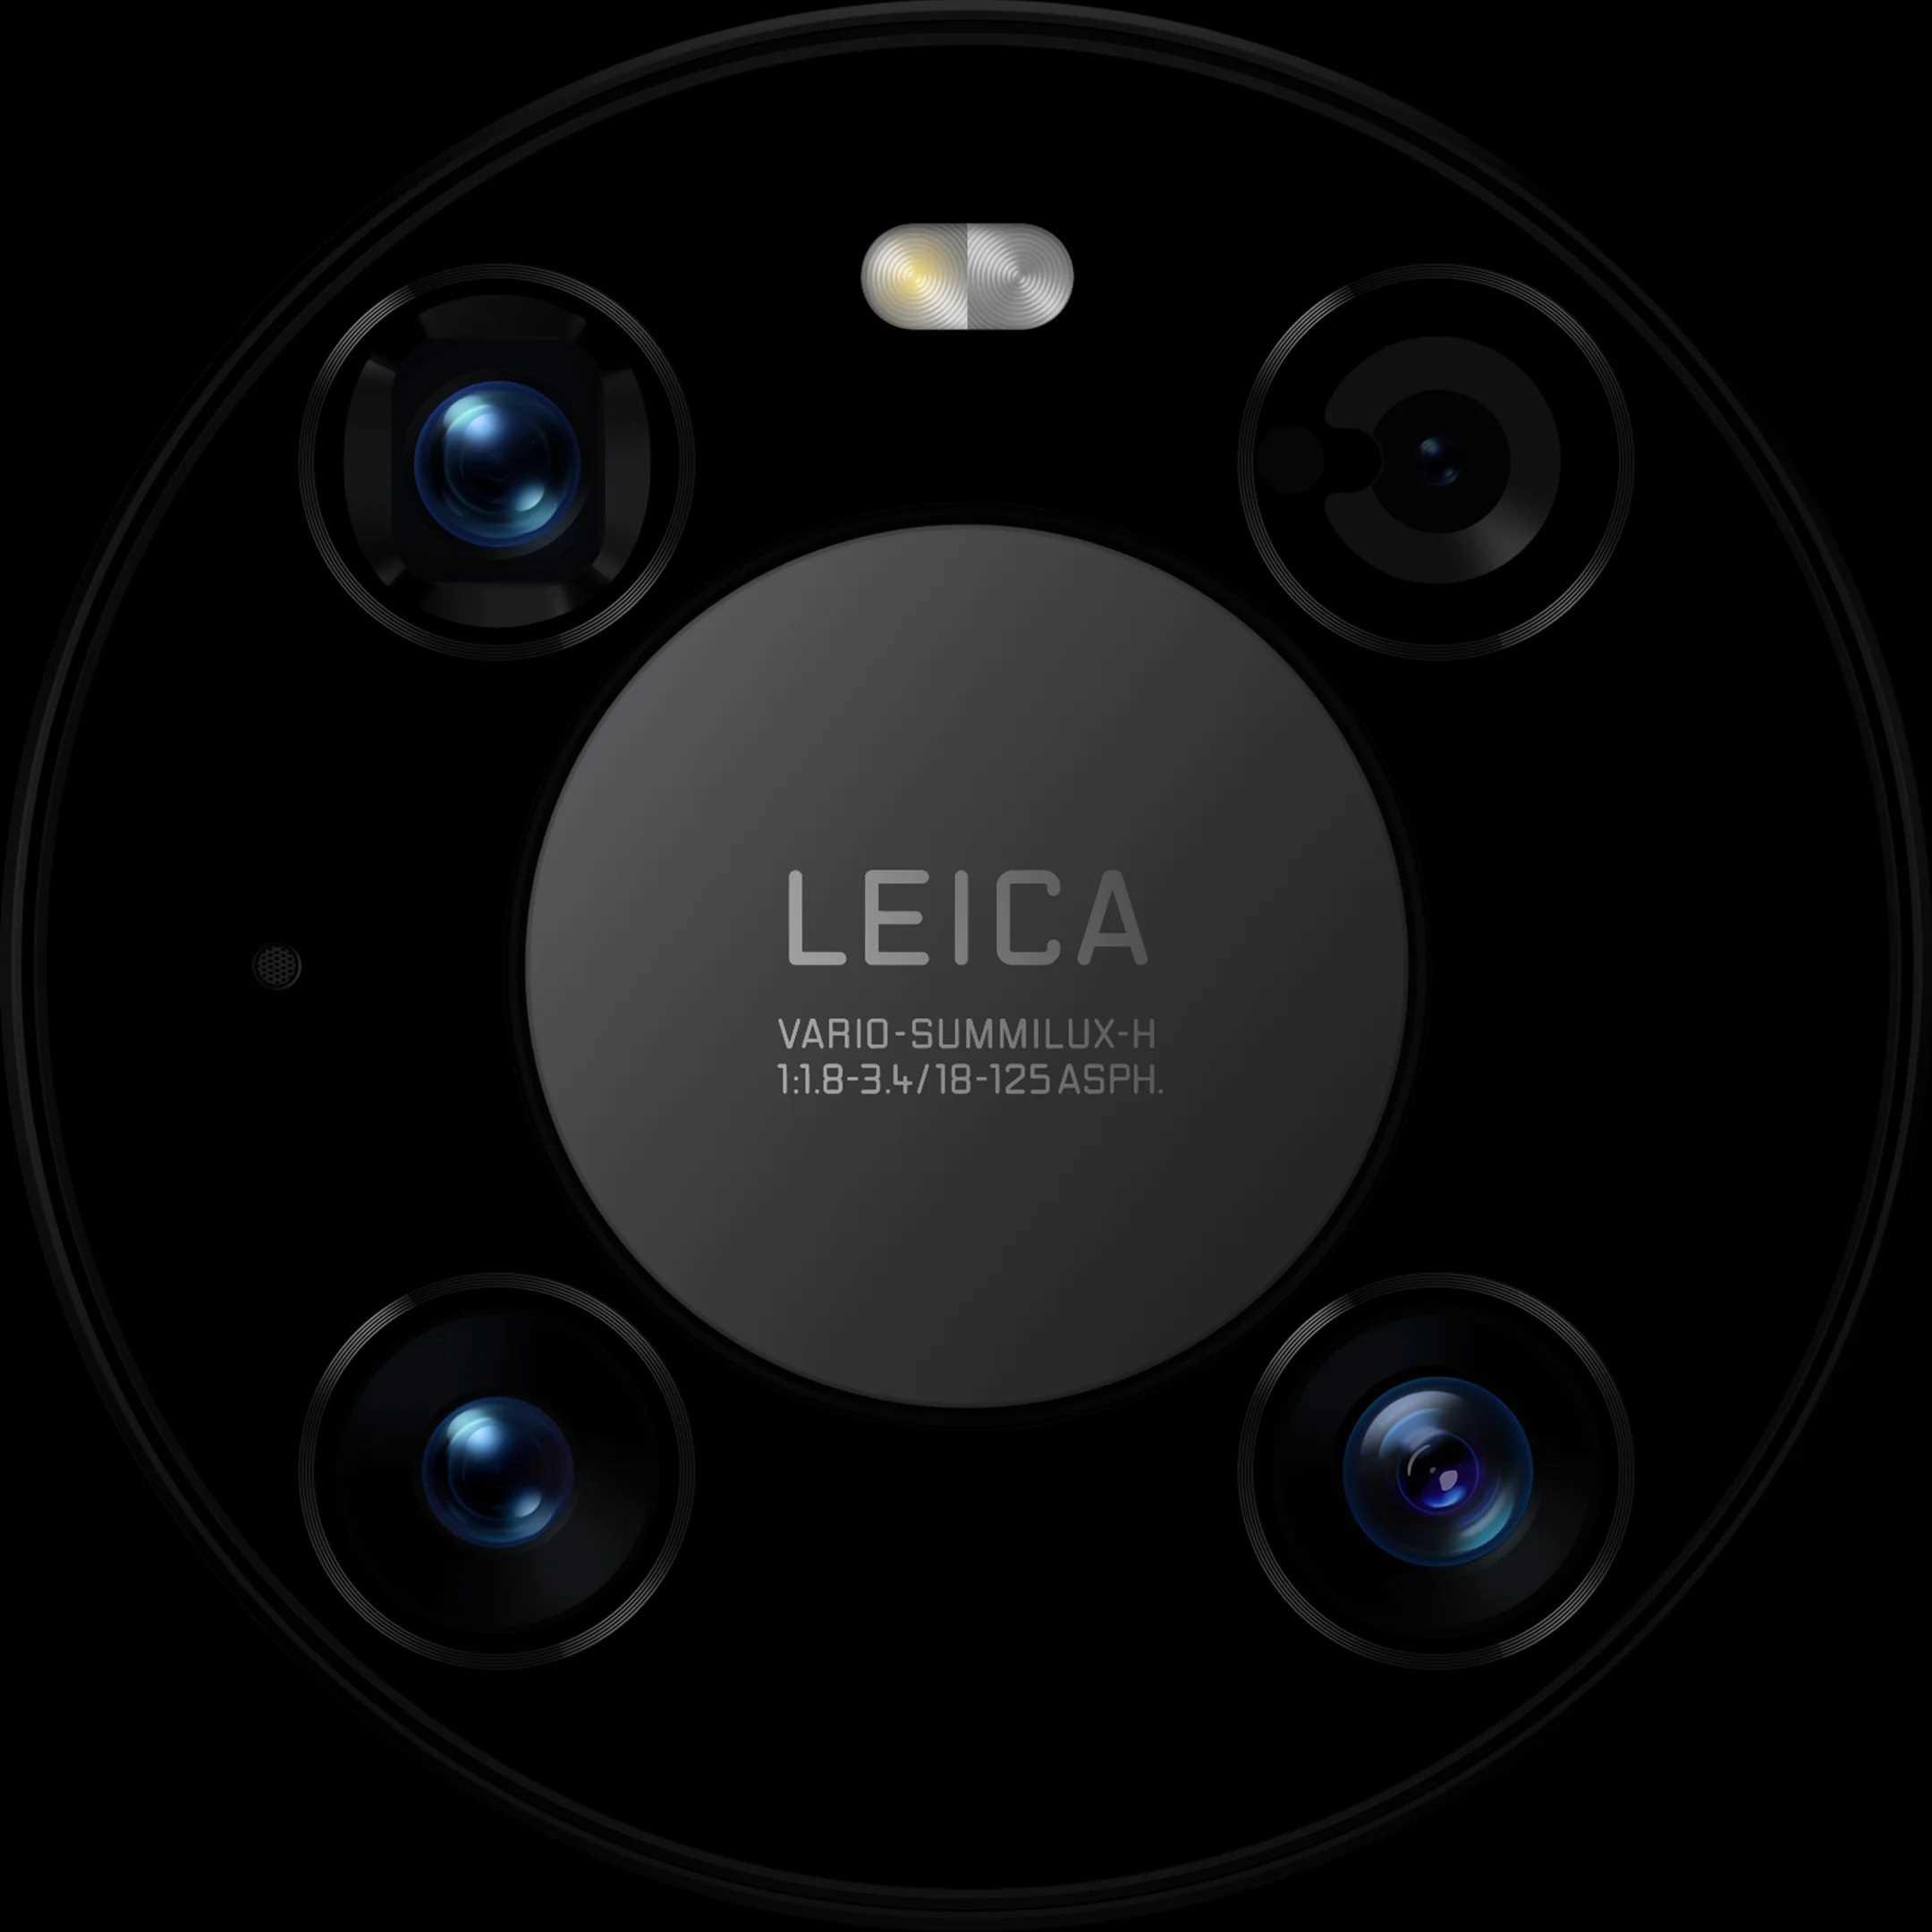 يعد HUAWEI Mate 40 Pro مبدعاً ومبتكراً، وهو تكريم للتوازن والتماثل، إذ يقدم لك نظام الكاميرا Space Ring نافذة لاستكشاف العالم.